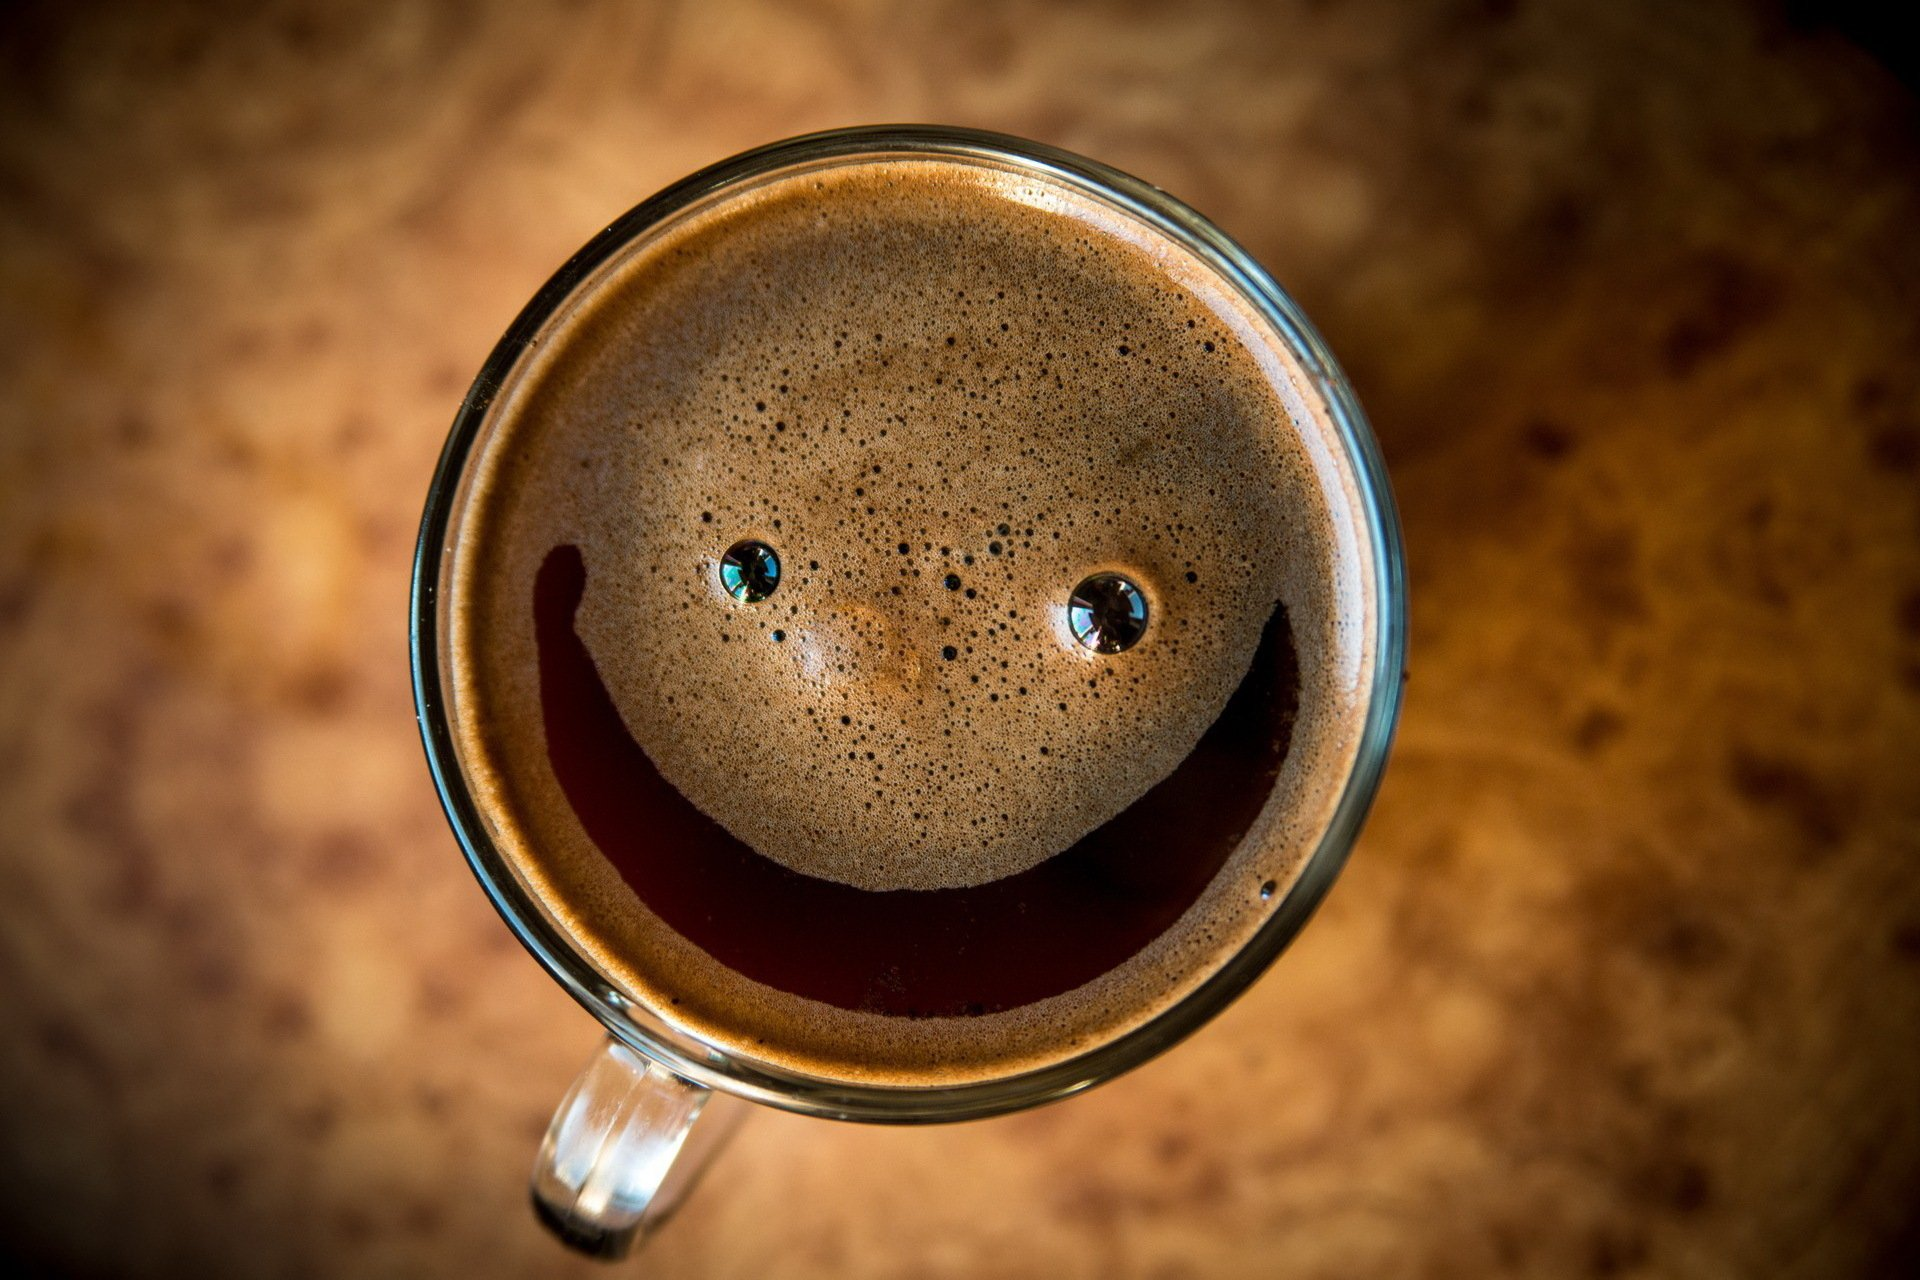 Le café est-il une bonne source d'antioxydants